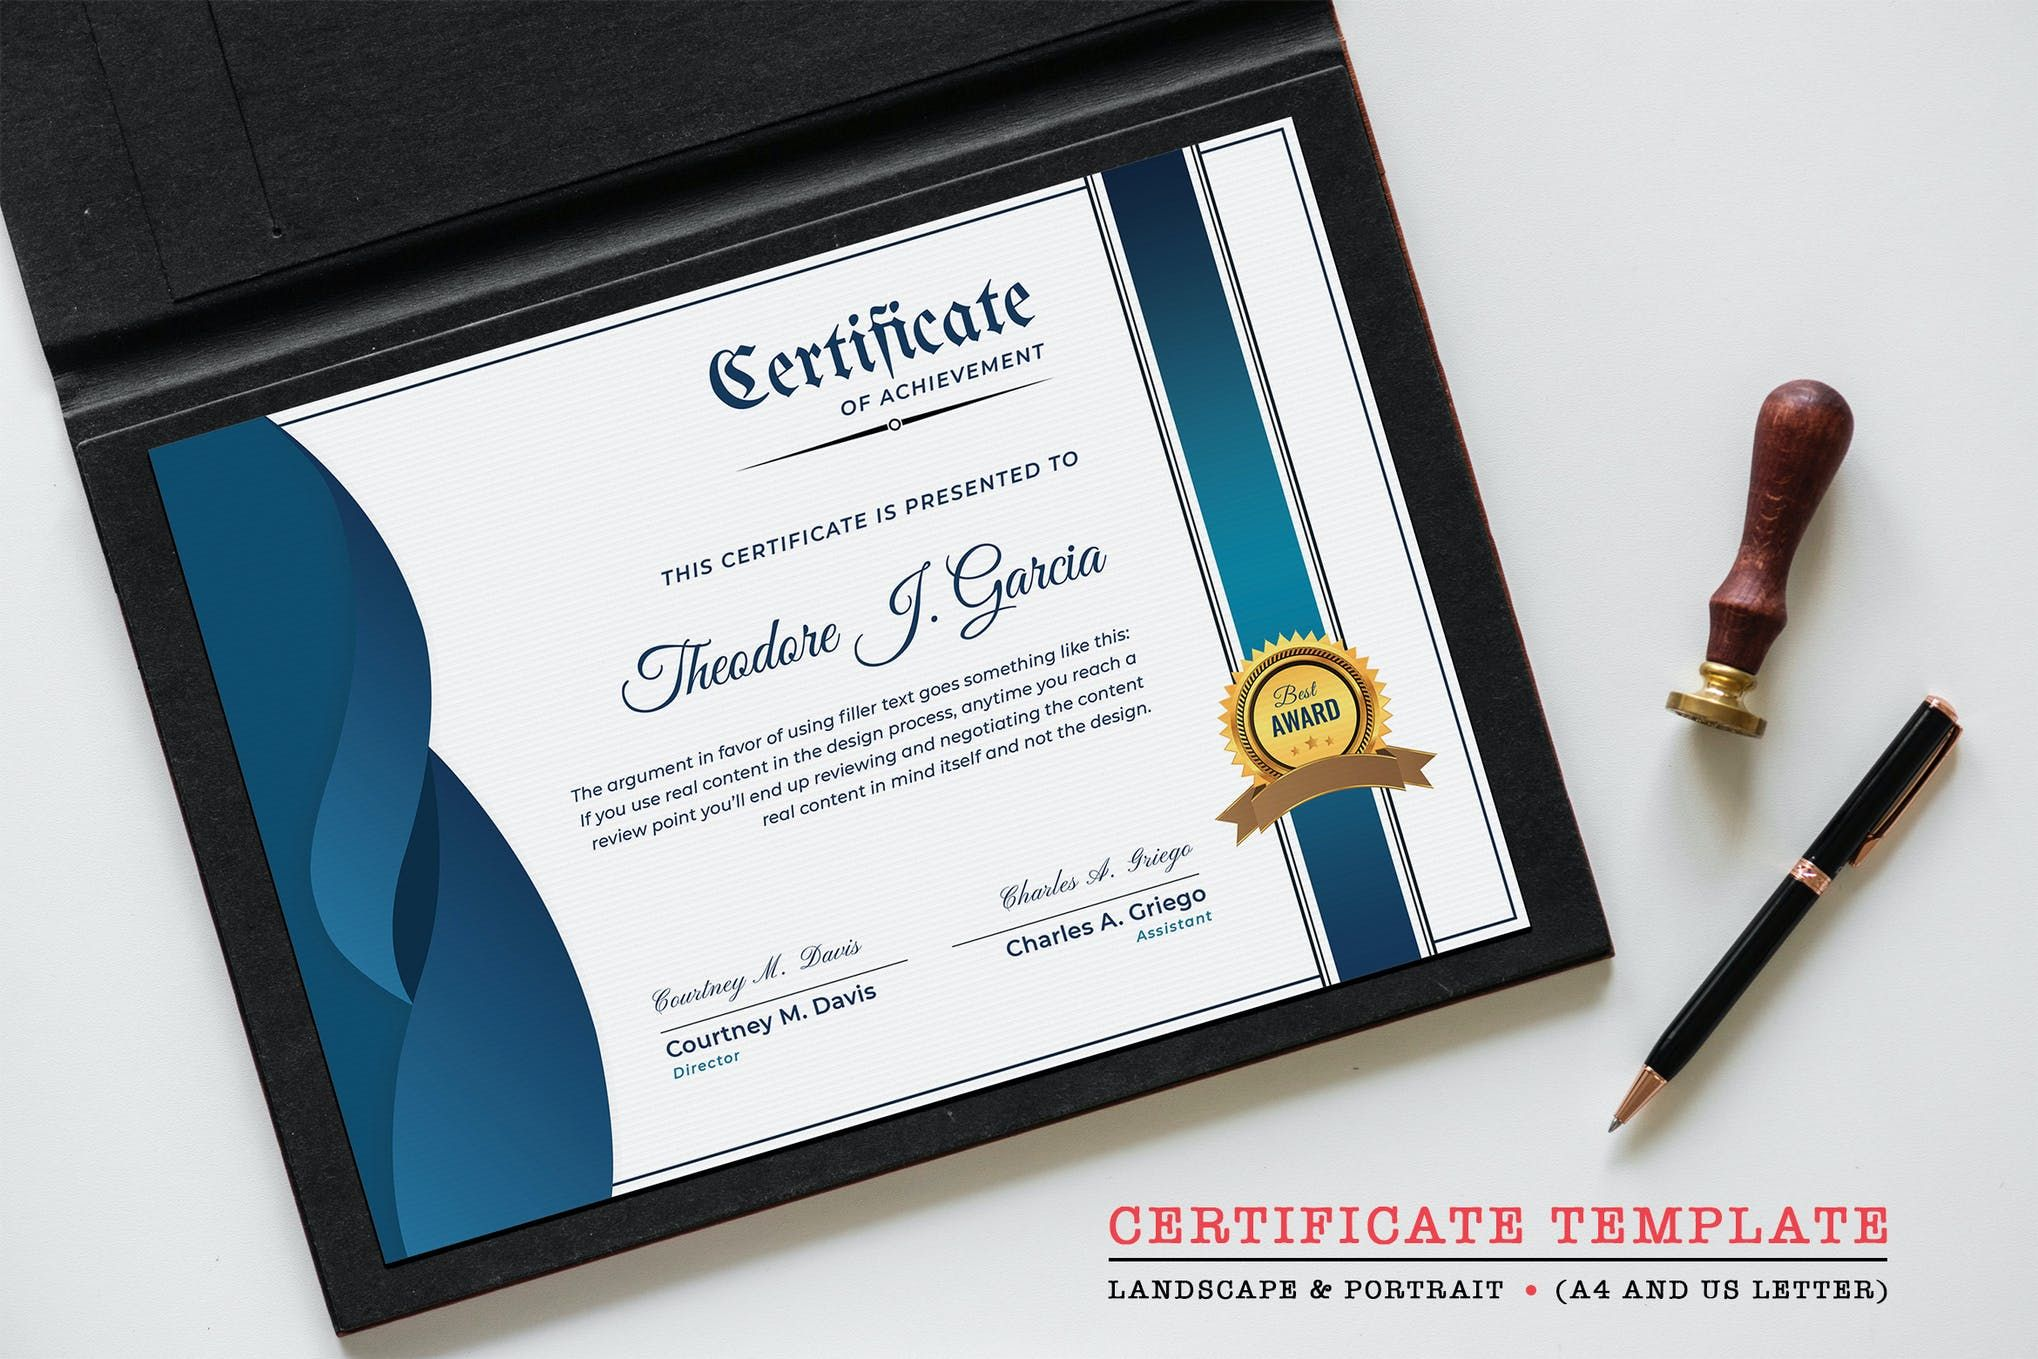 certificate portrait template landscape psd designtemplateplace templates